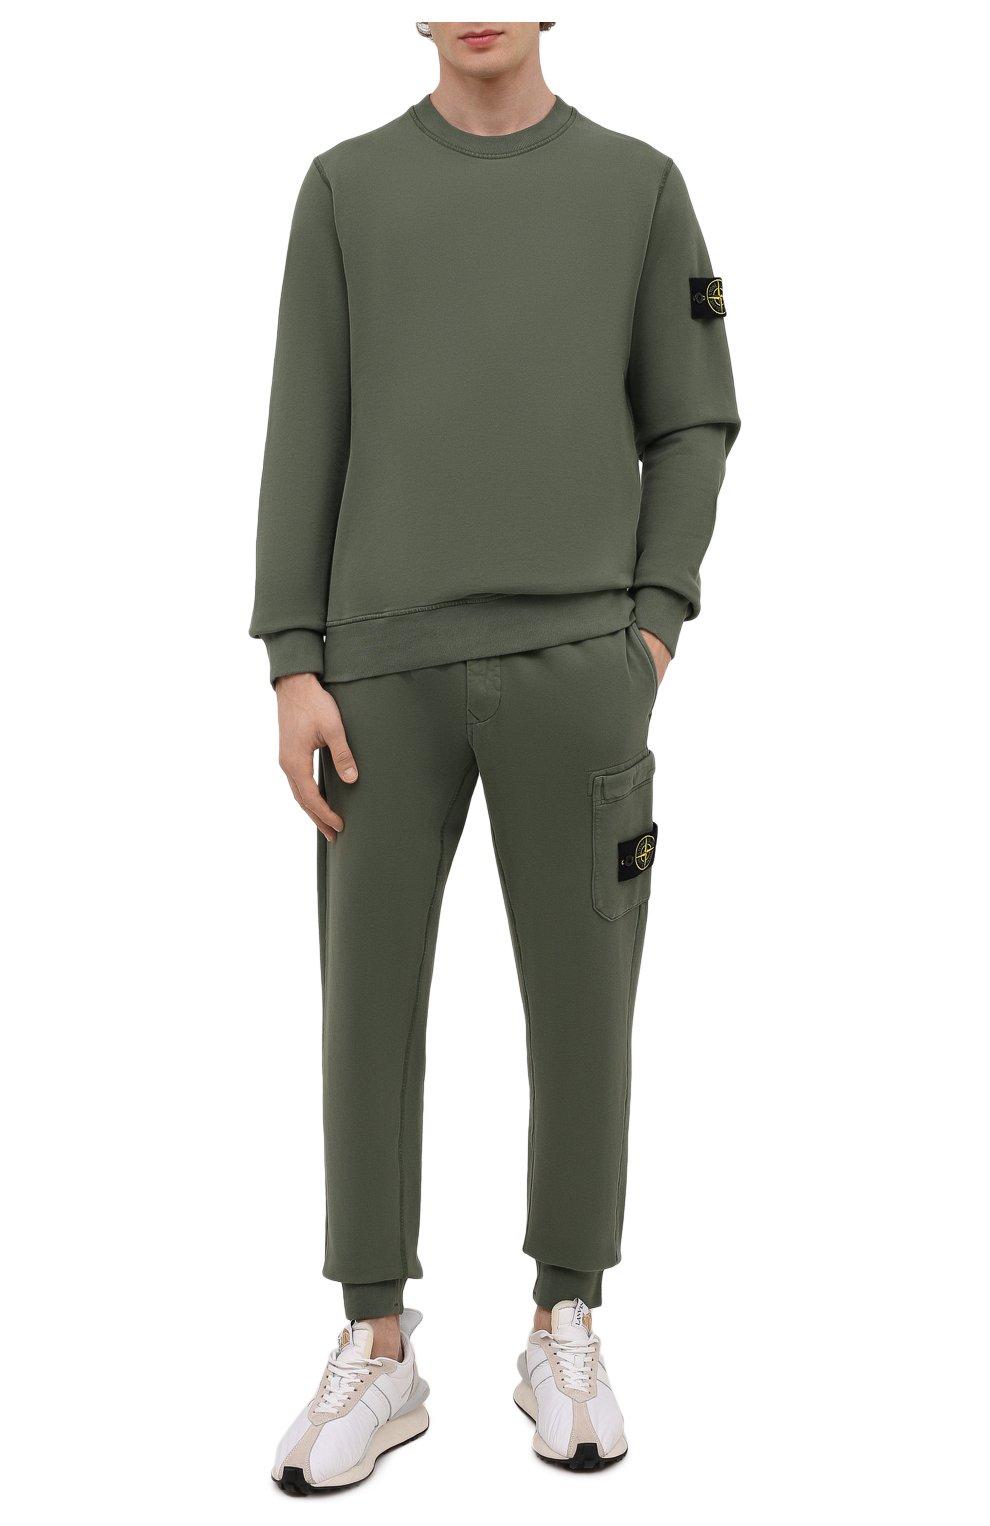 Мужской хлопковый свитшот STONE ISLAND хаки цвета, арт. 751563020 | Фото 2 (Рукава: Длинные; Принт: Без принта; Длина (для топов): Стандартные; Мужское Кросс-КТ: свитшот-одежда; Стили: Милитари; Материал внешний: Хлопок)